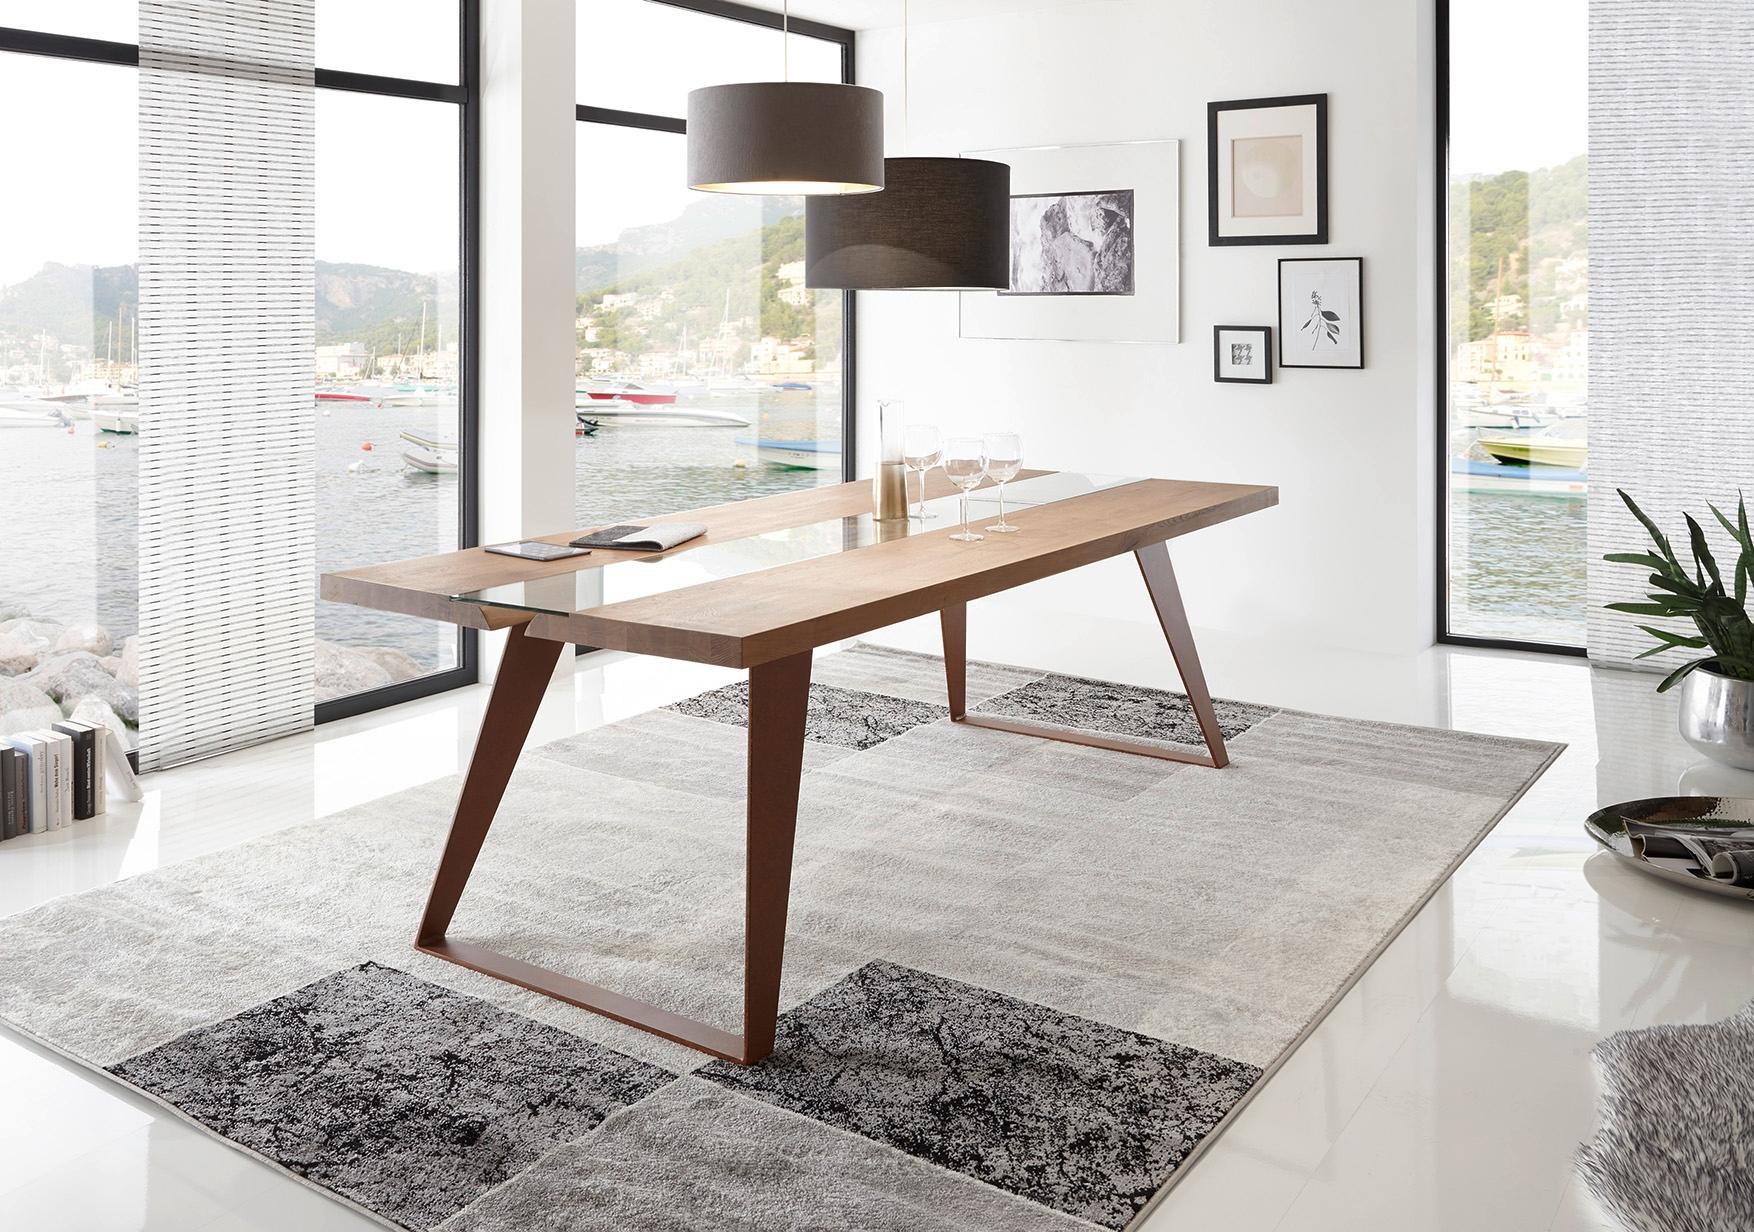 Tavolo in legno massello e gambe in metallo tavoli a - Tavolo legno e metallo ...